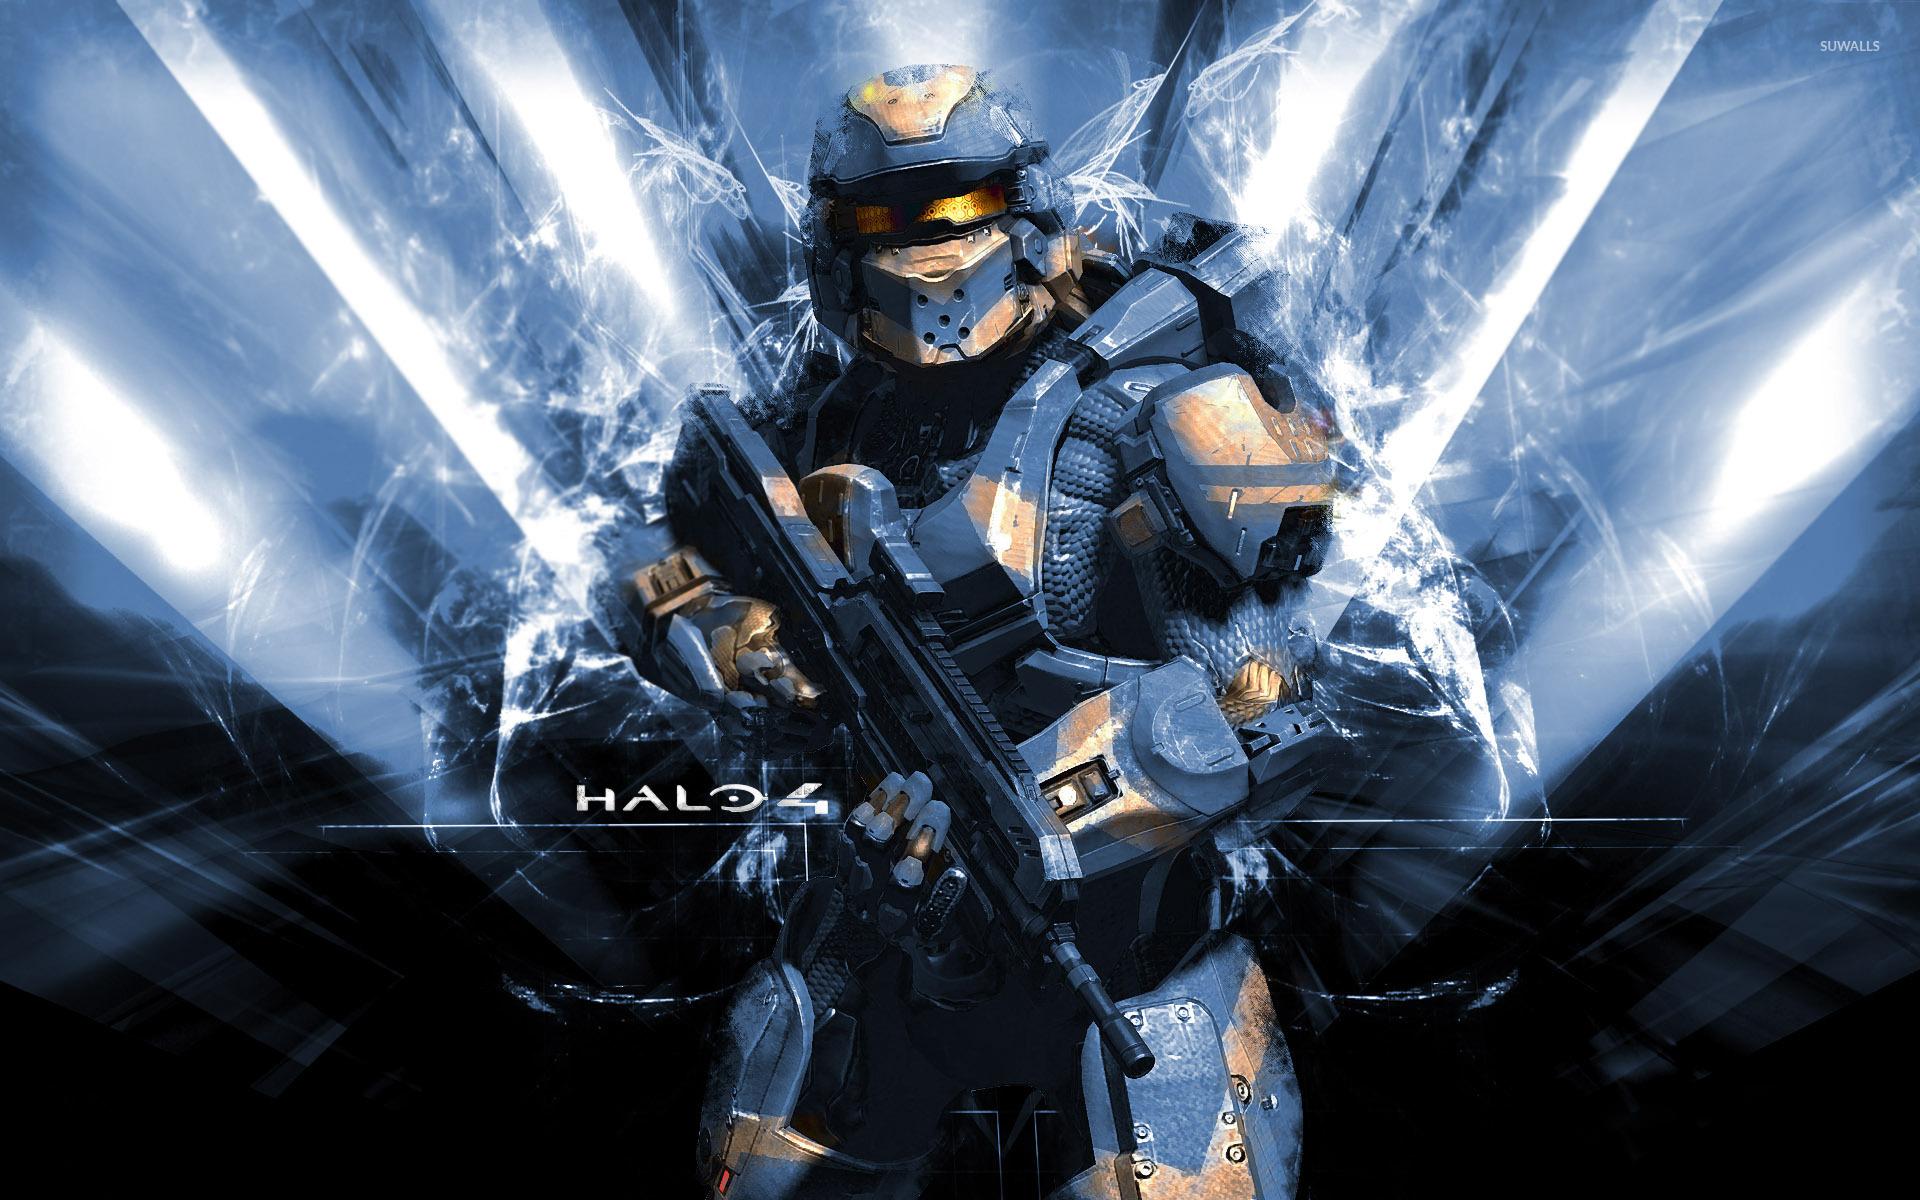 Halo Wallpaper HD 4K - WallpaperSafari